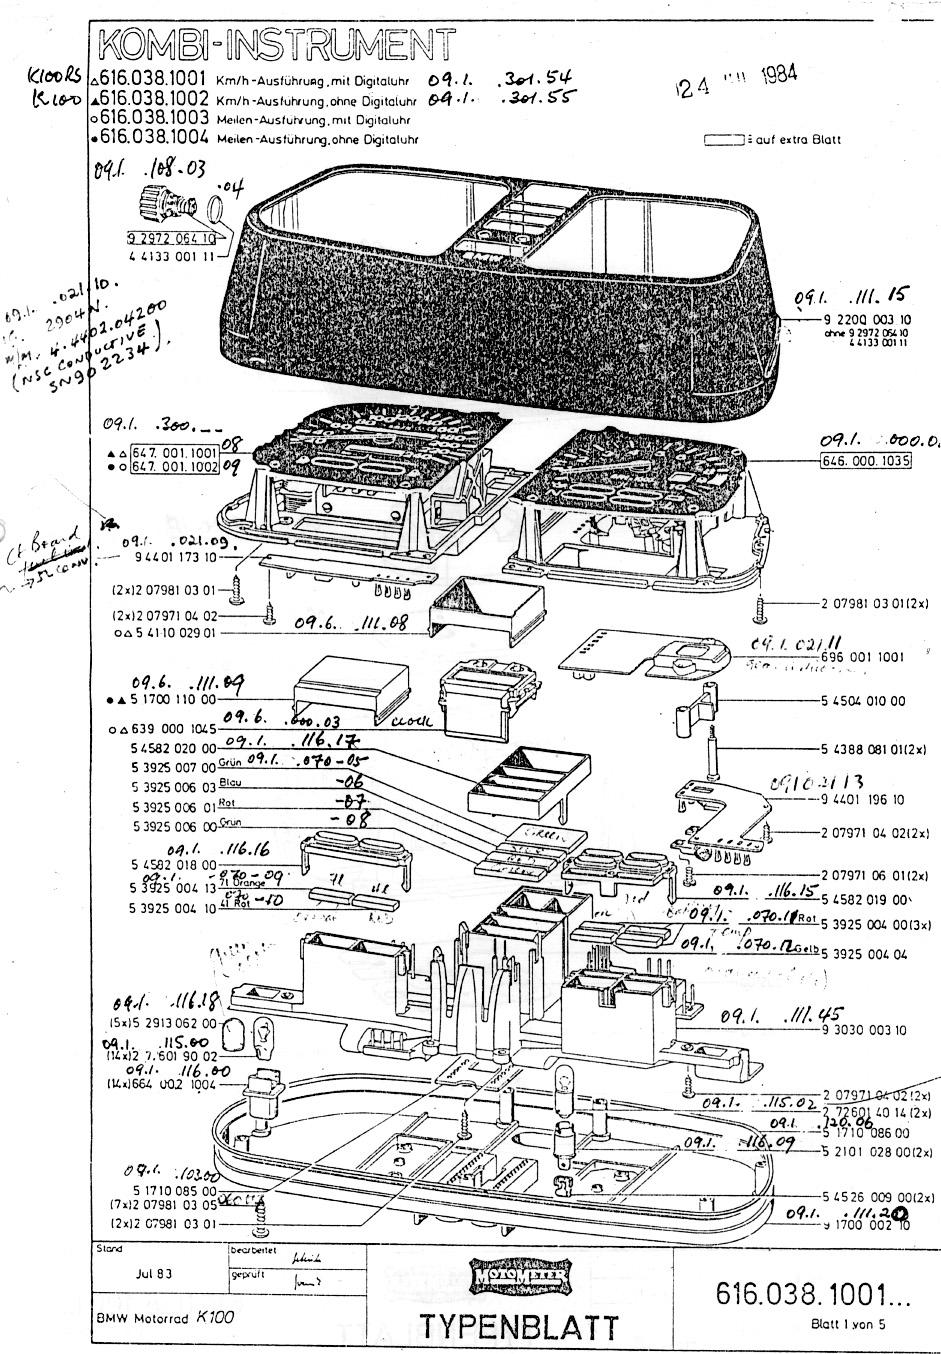 wrg 0912 wiring diagram bmw k1200 bmw k 1200 wiring diagram [ 941 x 1354 Pixel ]